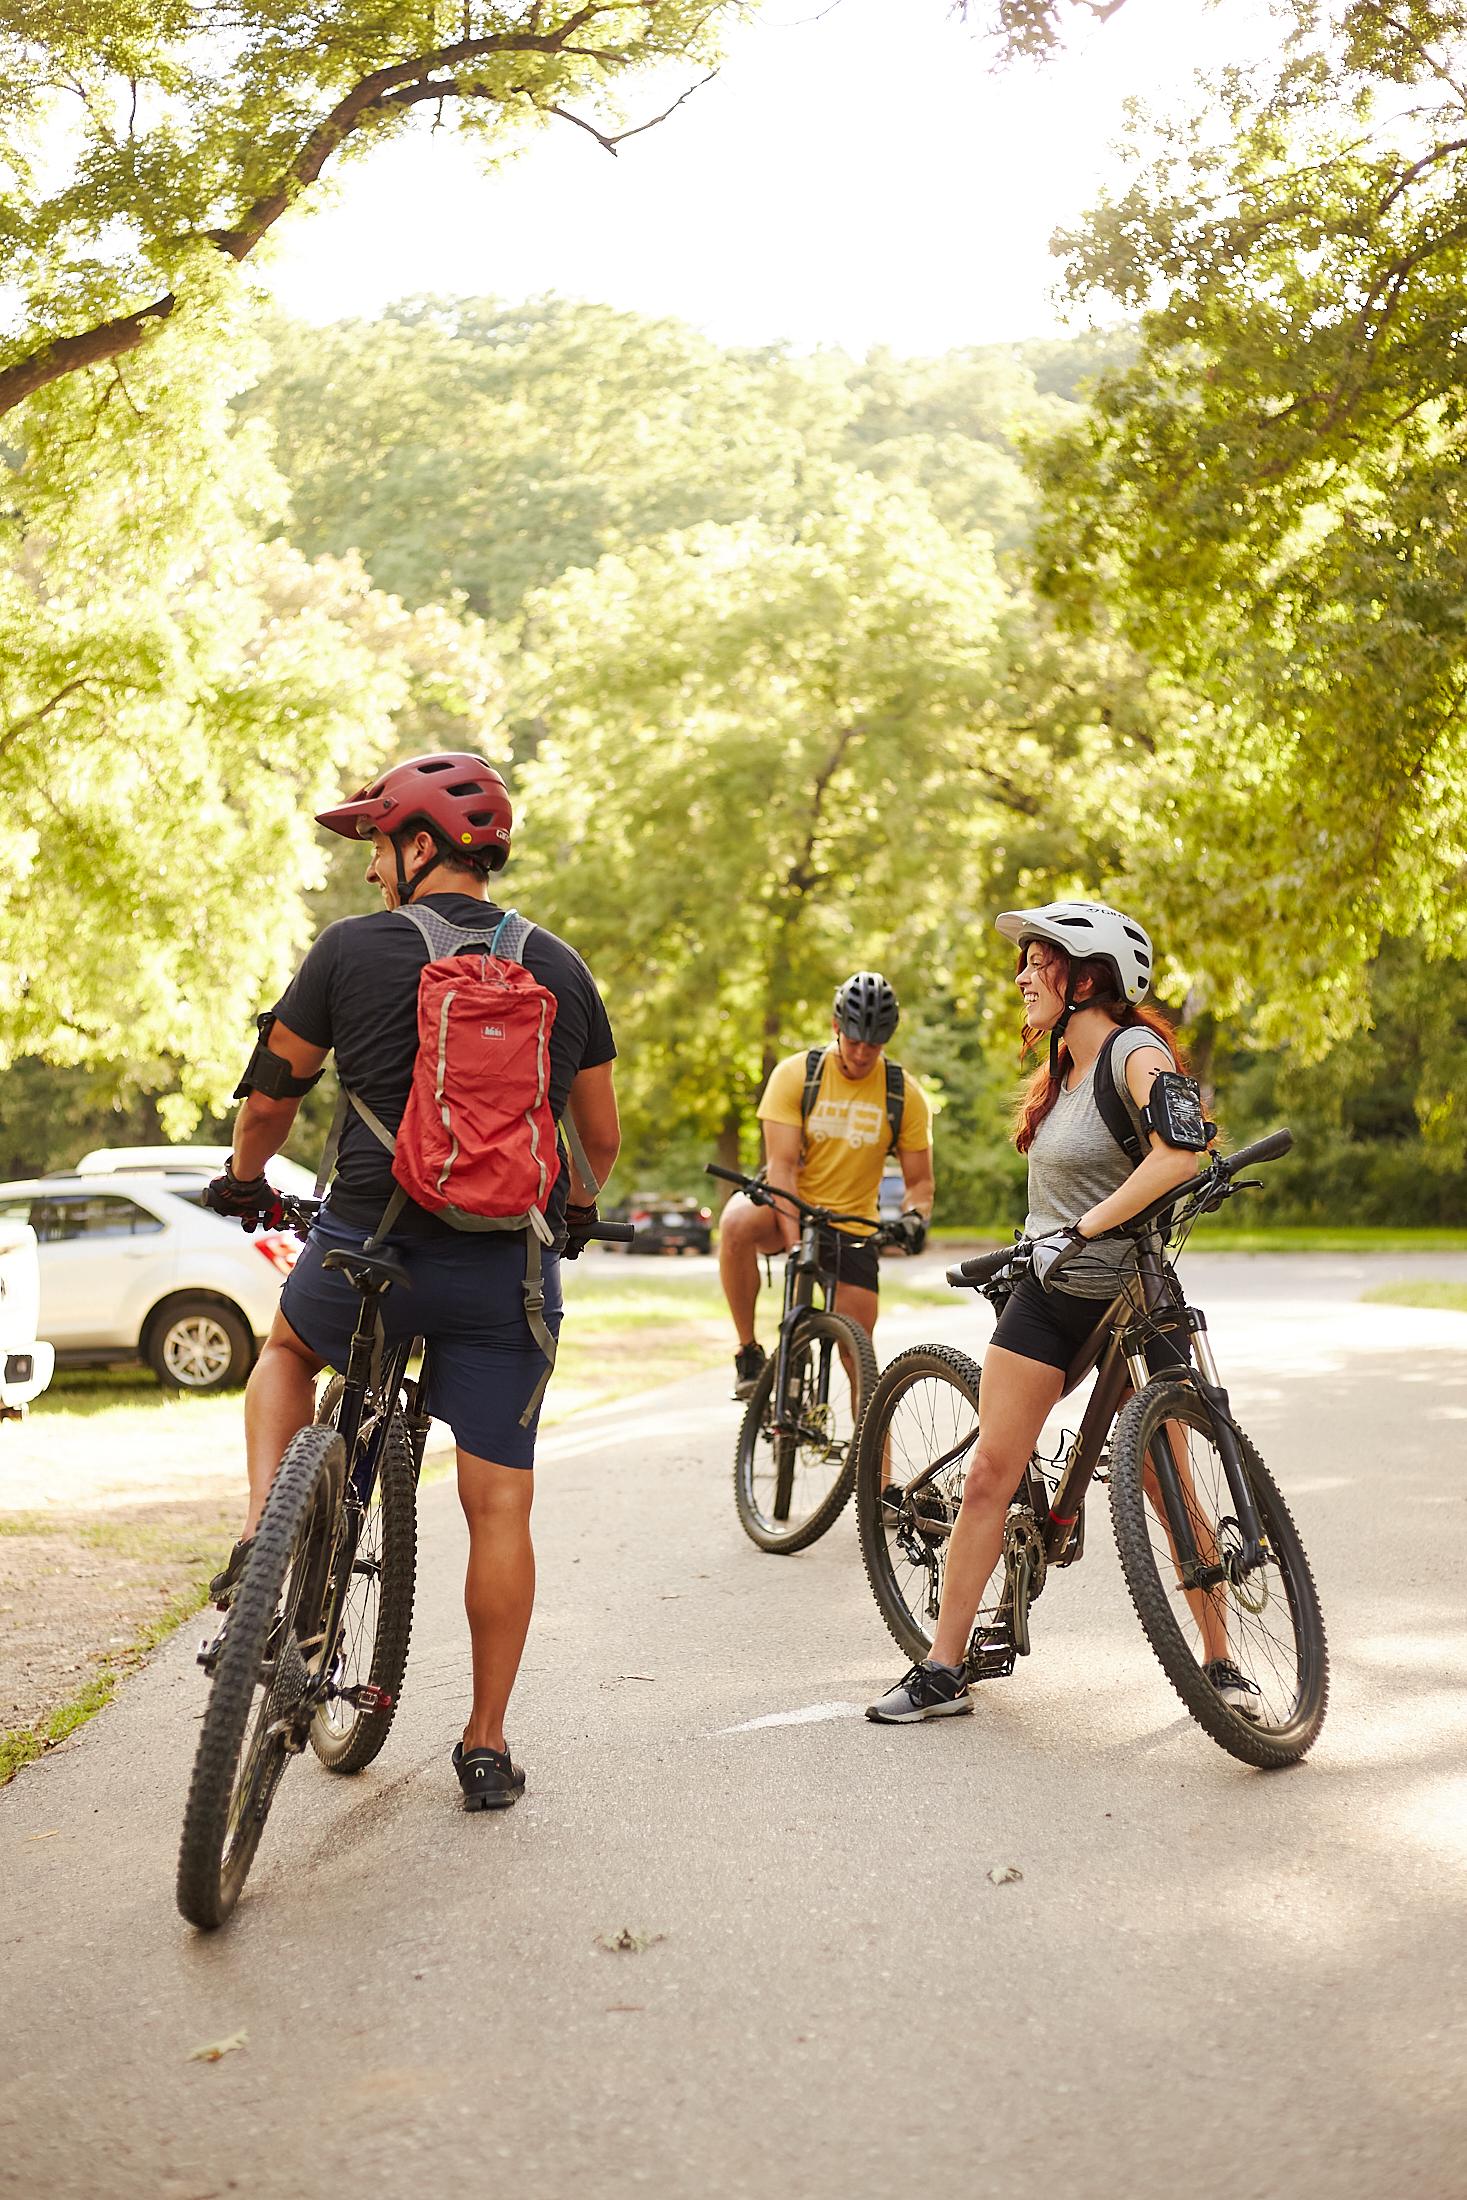 mountainbiking3381Hires